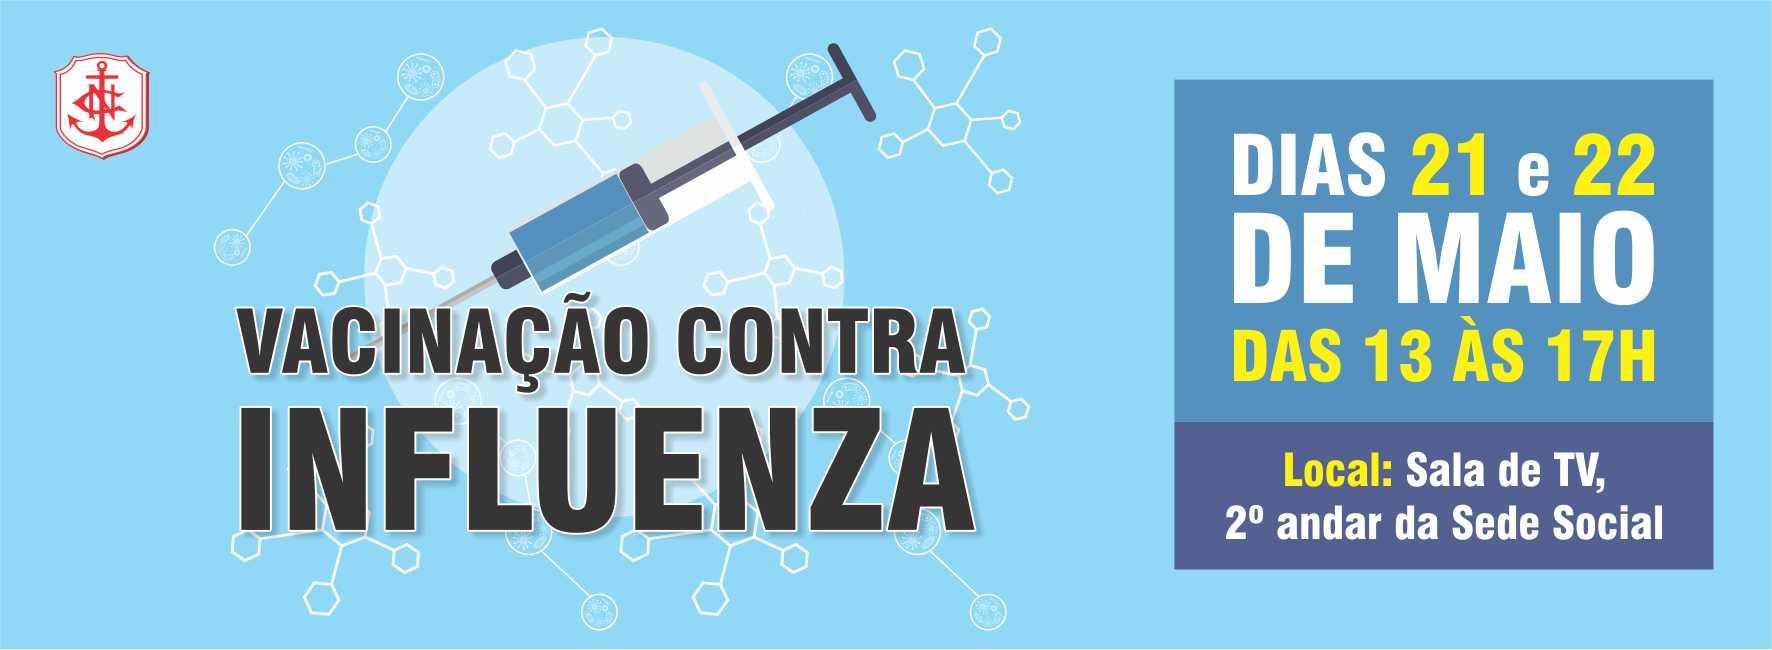 https://www.clubenaval.org.br/novo/campanha-de-vacina%C3%A7%C3%A3o-contra-influenza-gripe